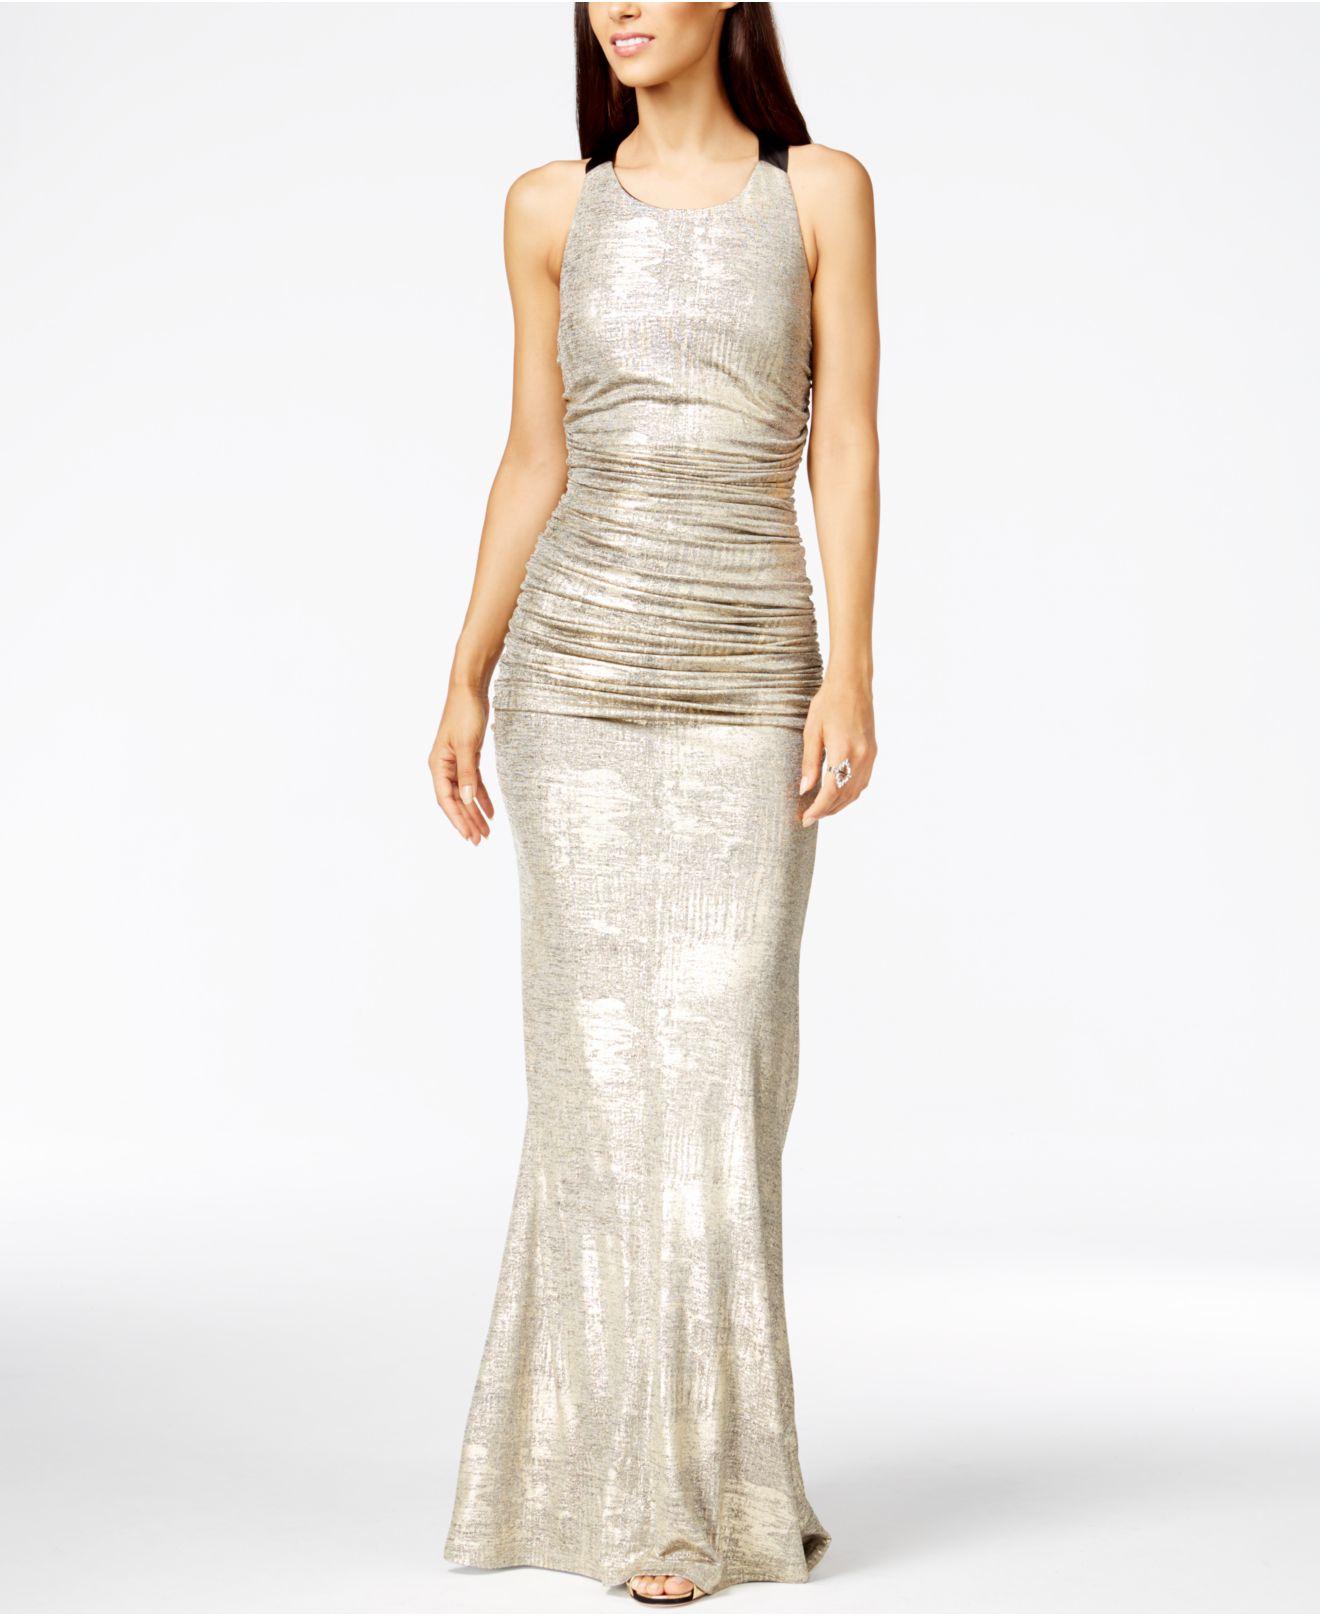 Lyst - Calvin Klein Metallic Ruched Halter Gown in Metallic